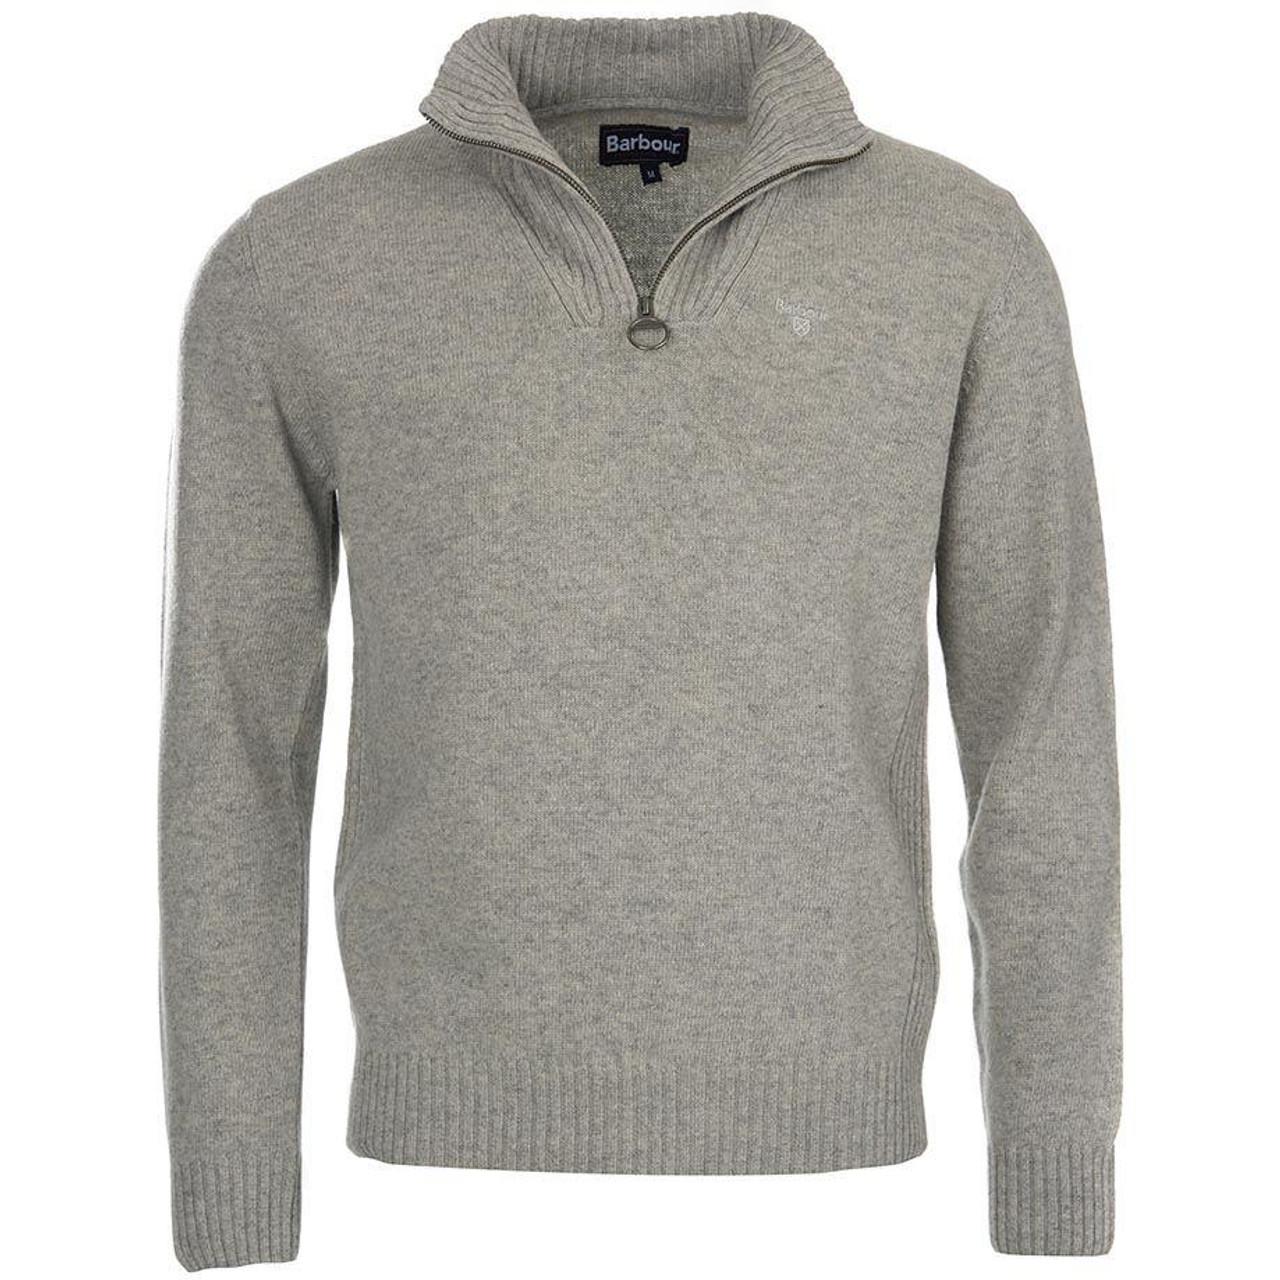 Light Grey Marl Barbour Mens Essential Lambswool Half Zip Sweater